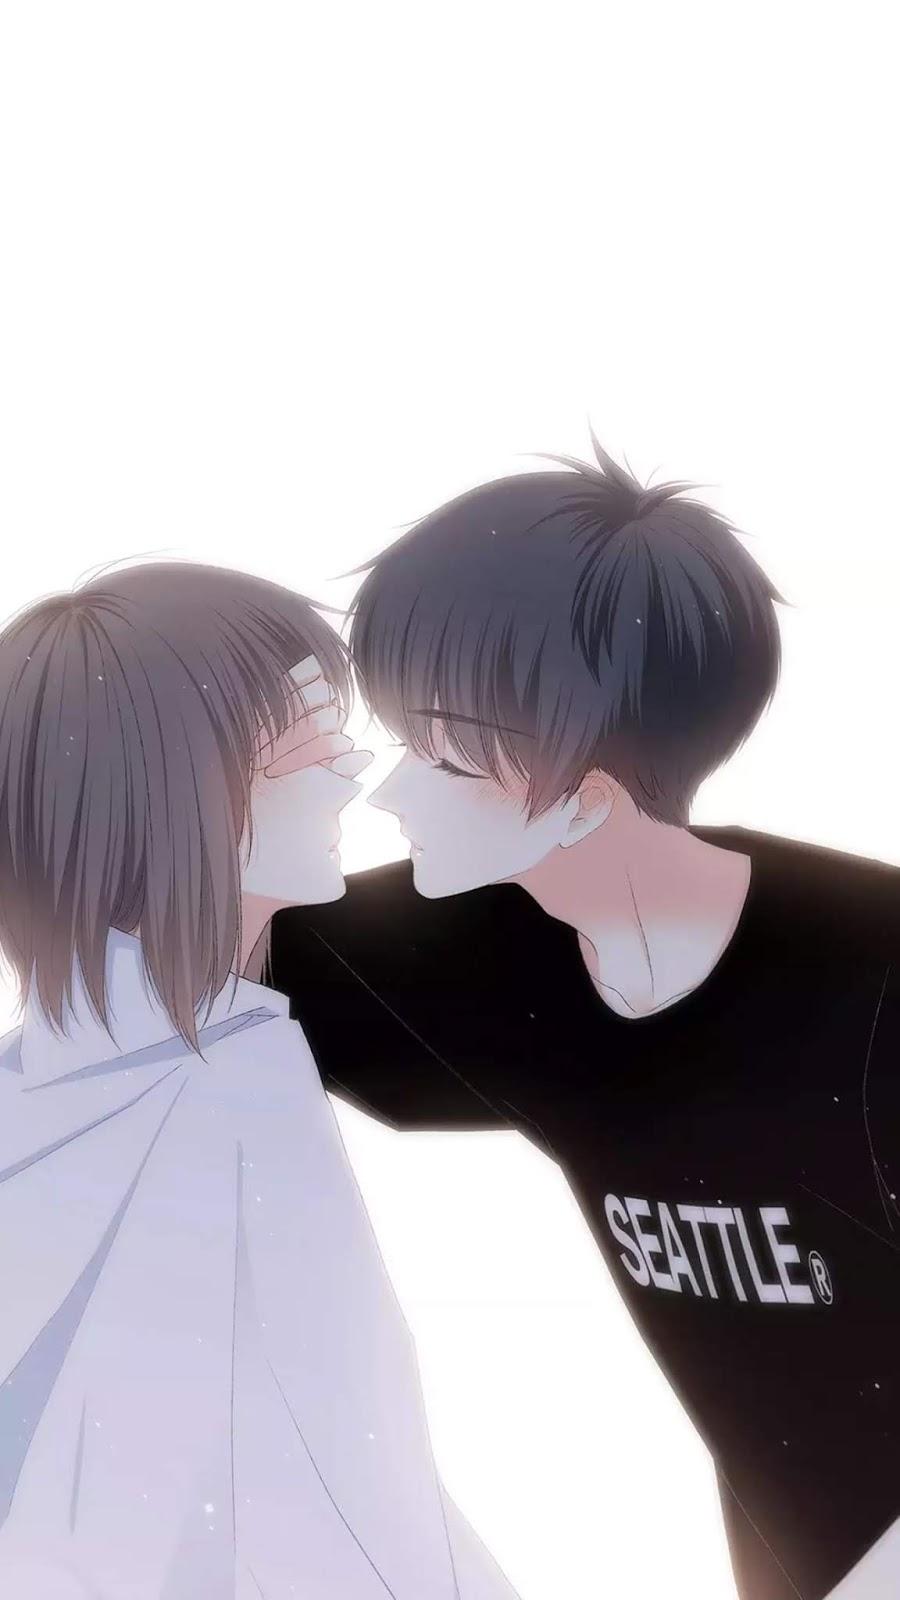 hình nền điện thoại anime đáng yêu